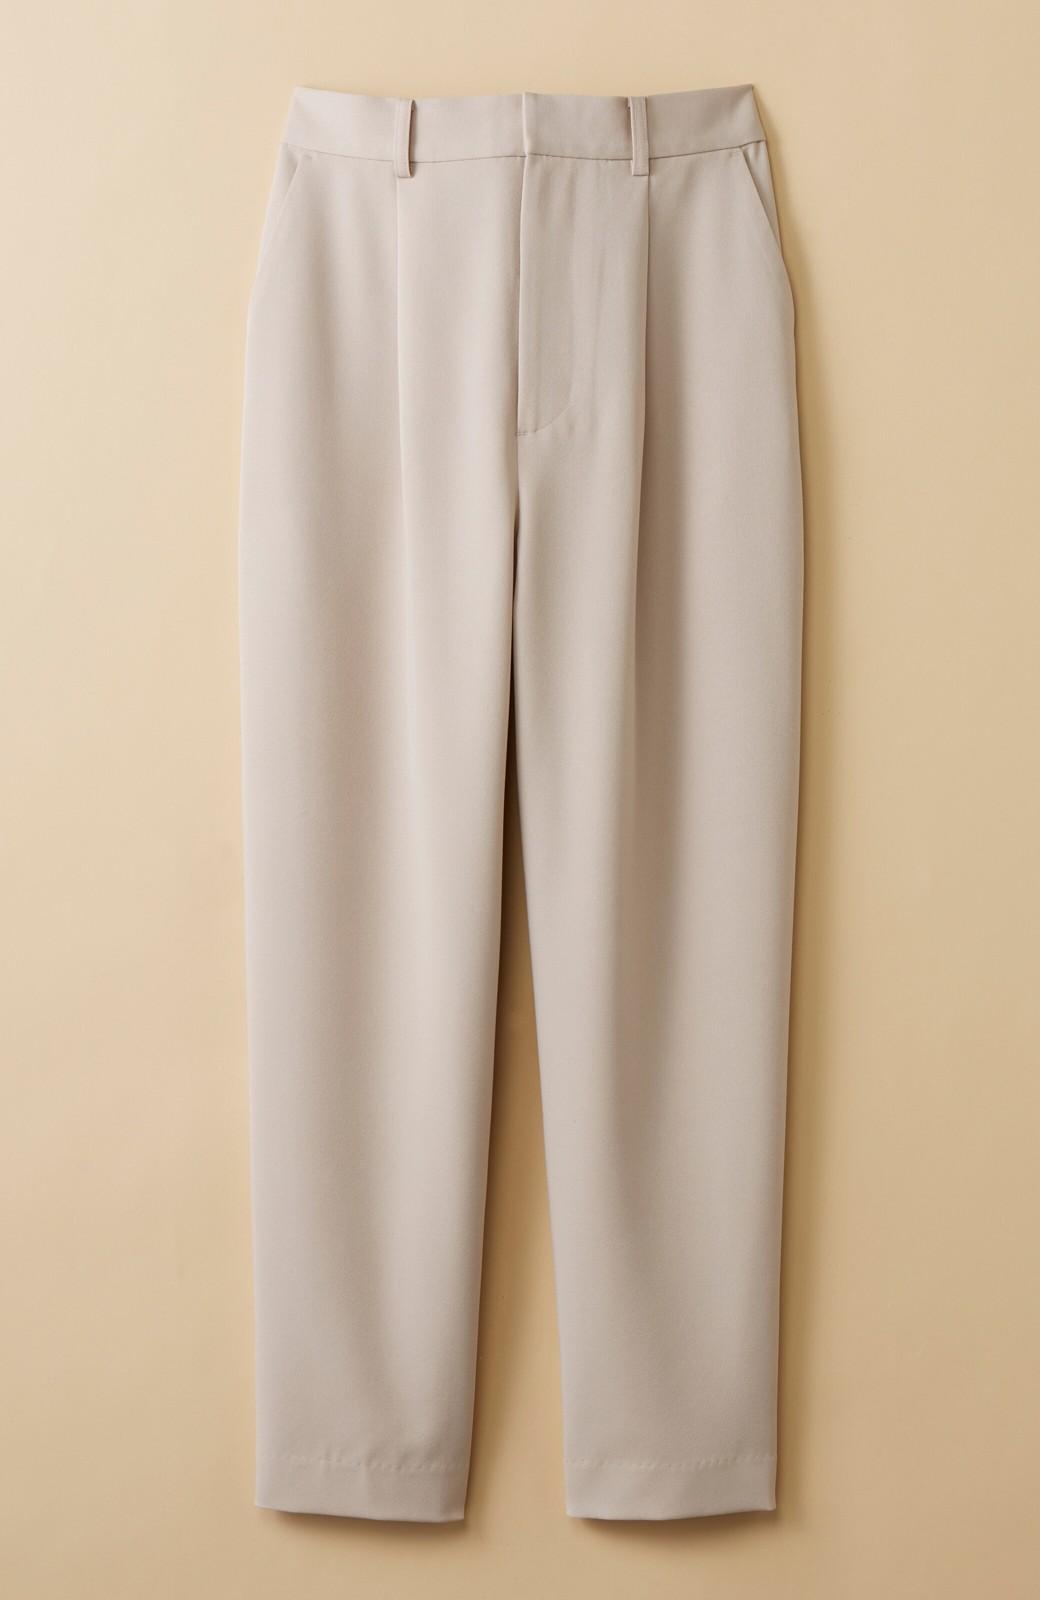 haco! いざというとき困らないための 大人のフォーマルジャケット・パンツ・スカート3点セット by que made me <ベージュ>の商品写真4